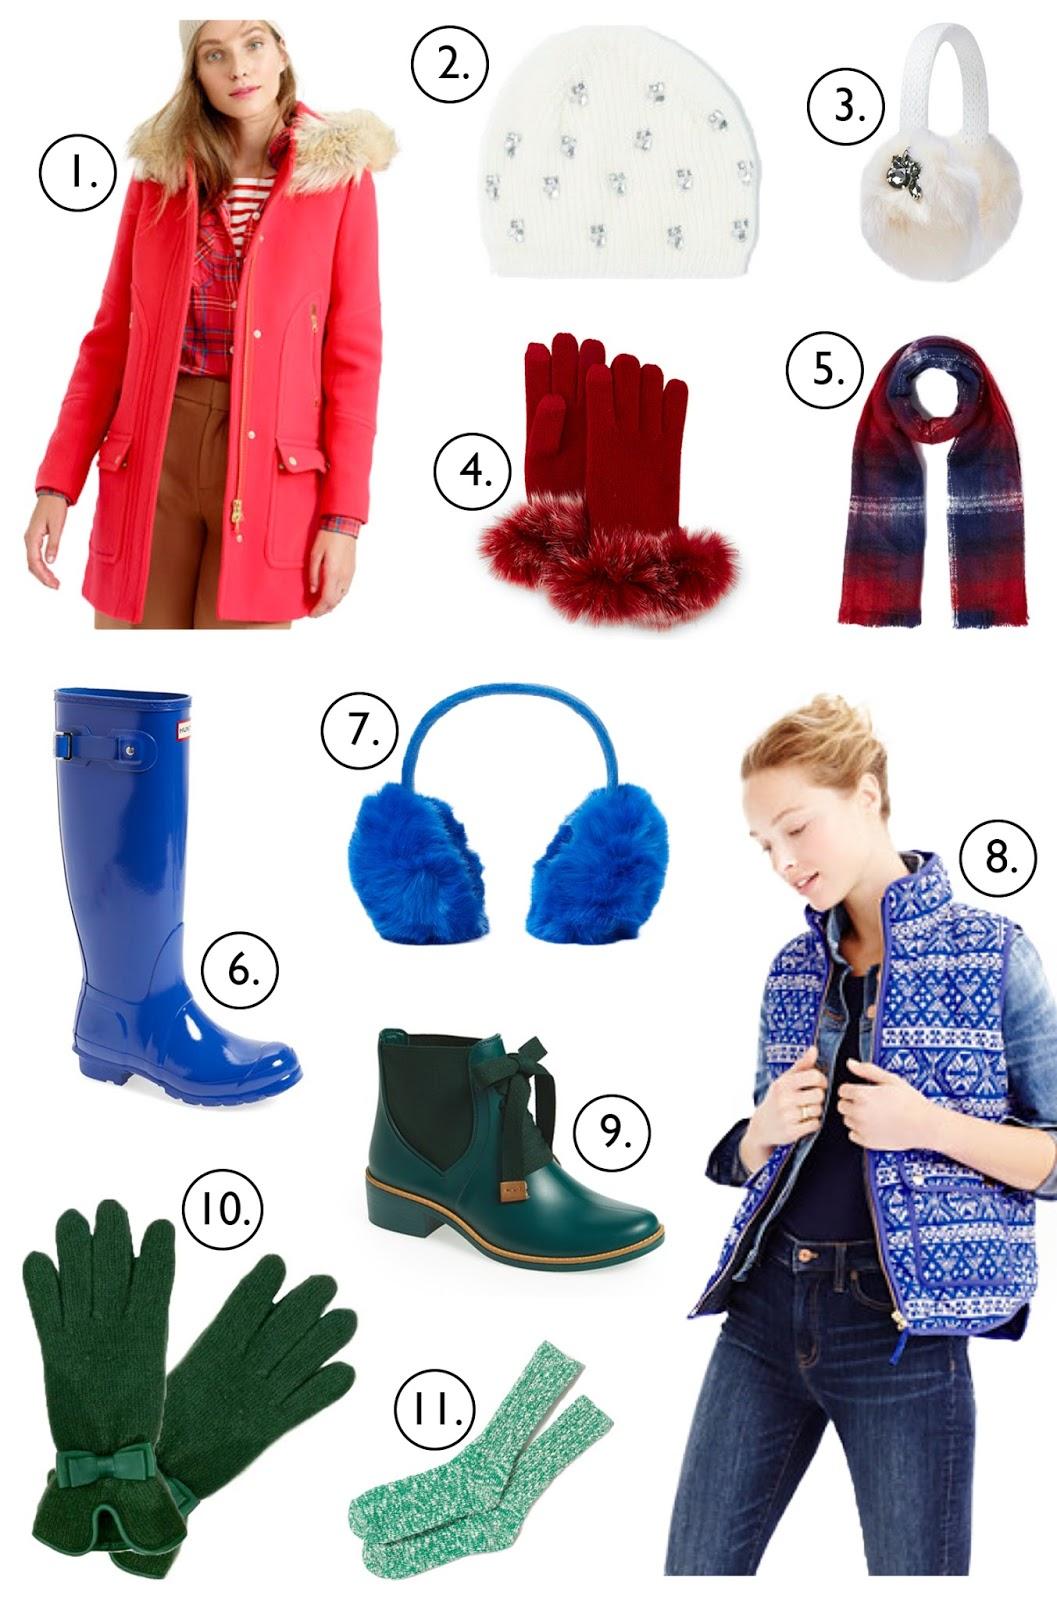 top-Winter-weather-accessories-coat-boot-glove-picks